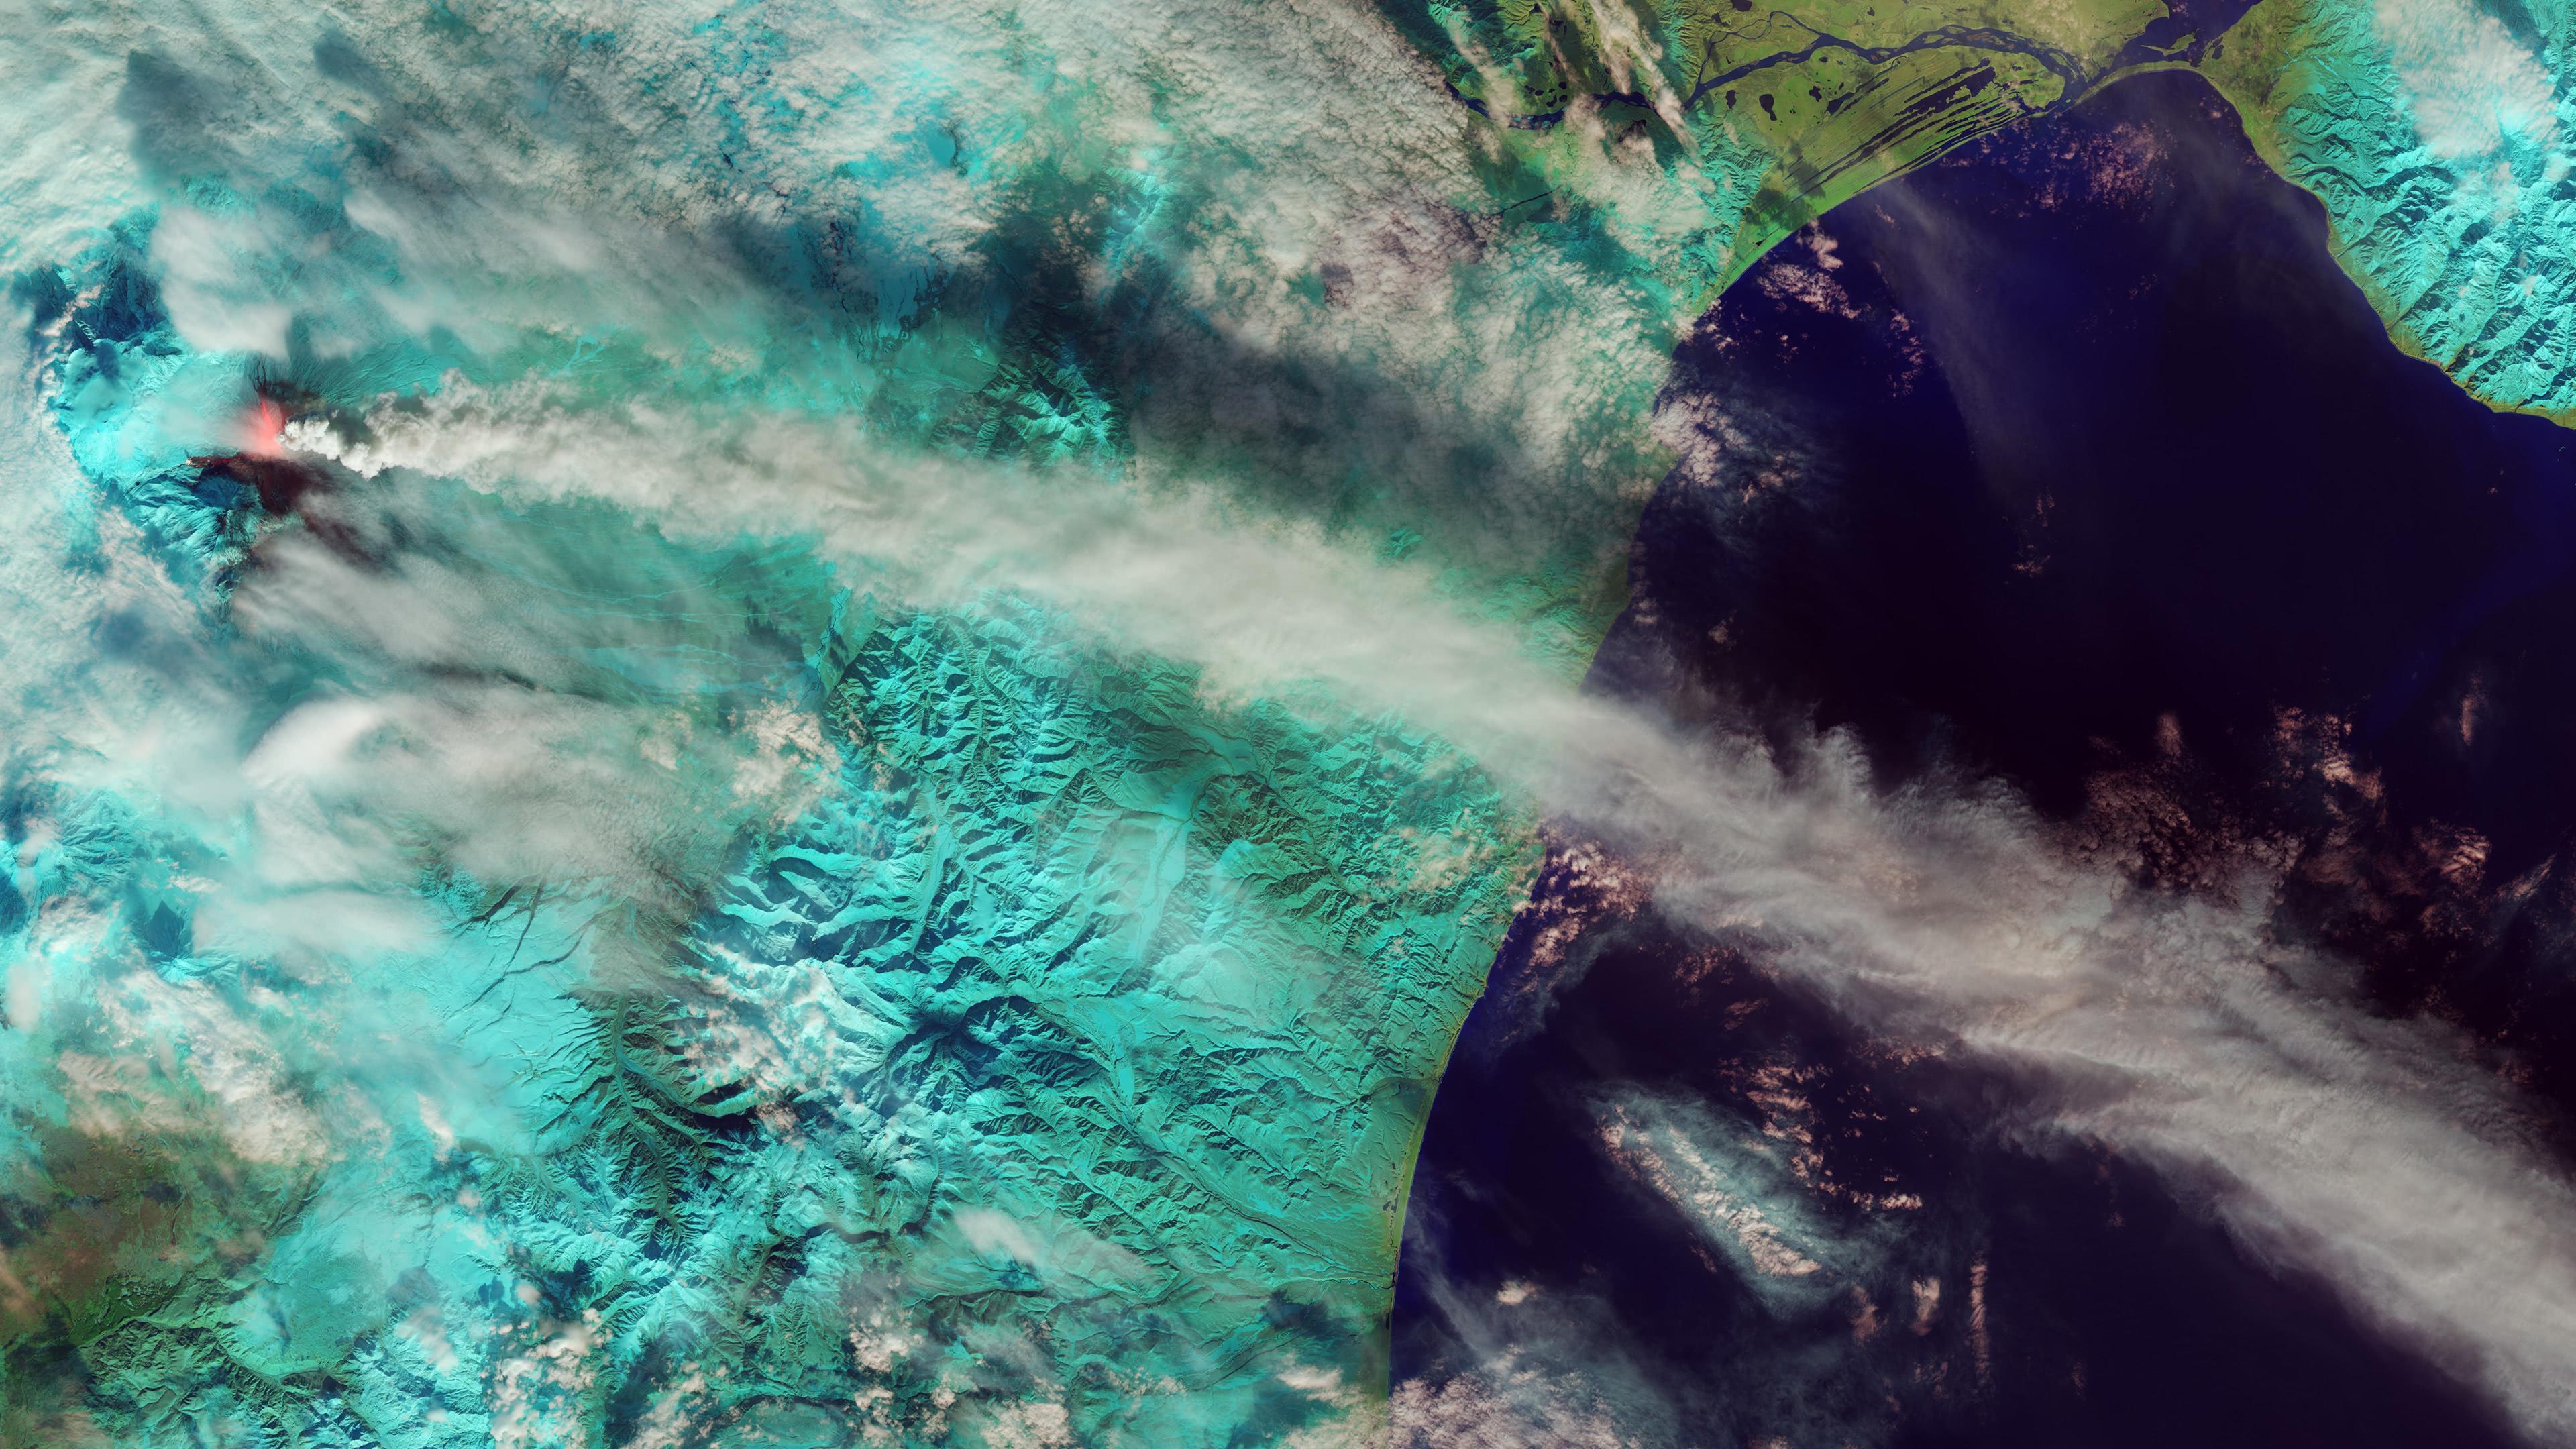 Klyuchevskaya Sopka Volcano Russia UHD 4K Wallpaper